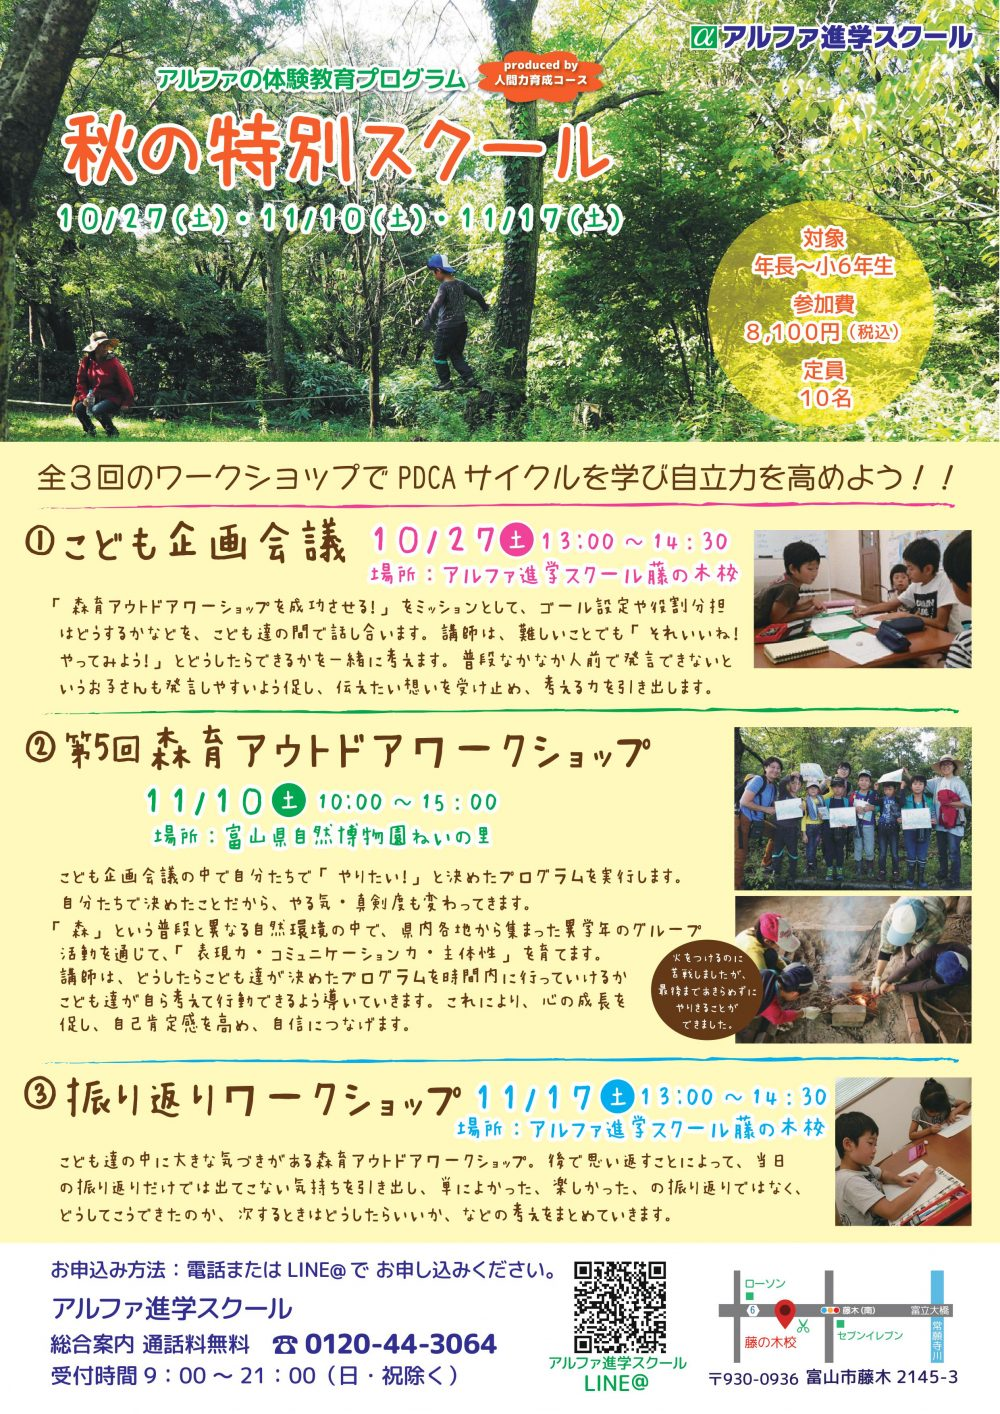 秋の特別スクール&第5回森育アウトドアワークショップのお知らせ